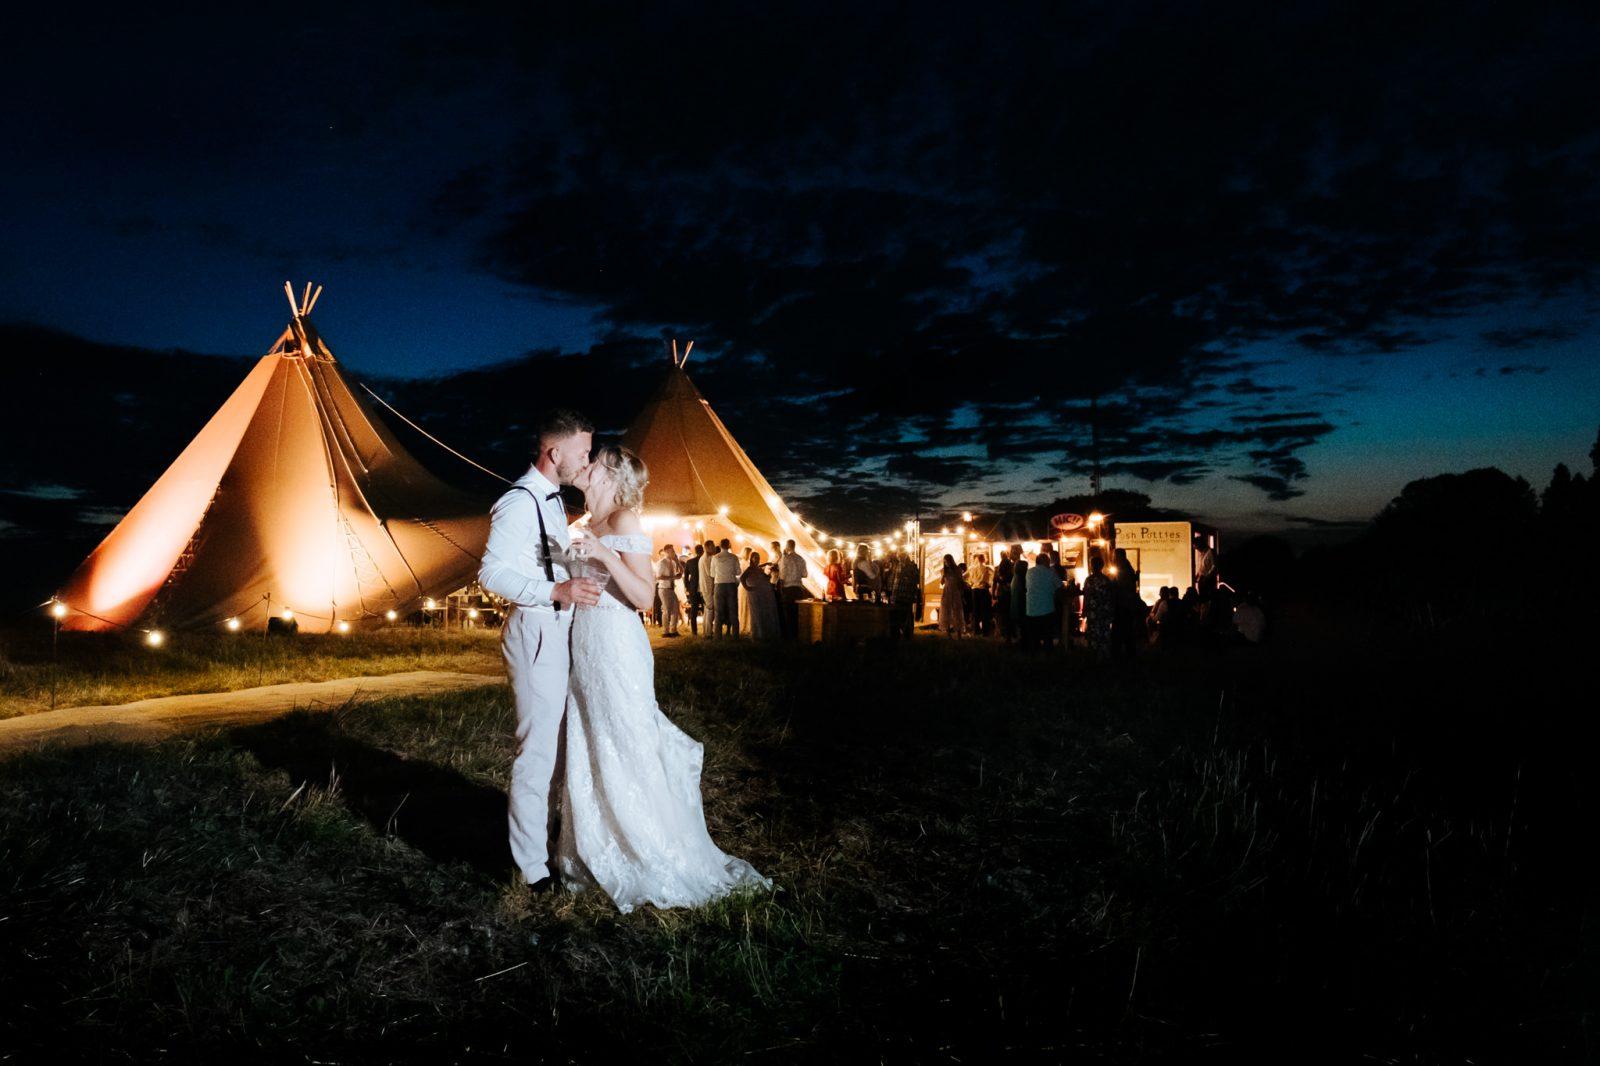 bride groom outside wedding tipi lit up